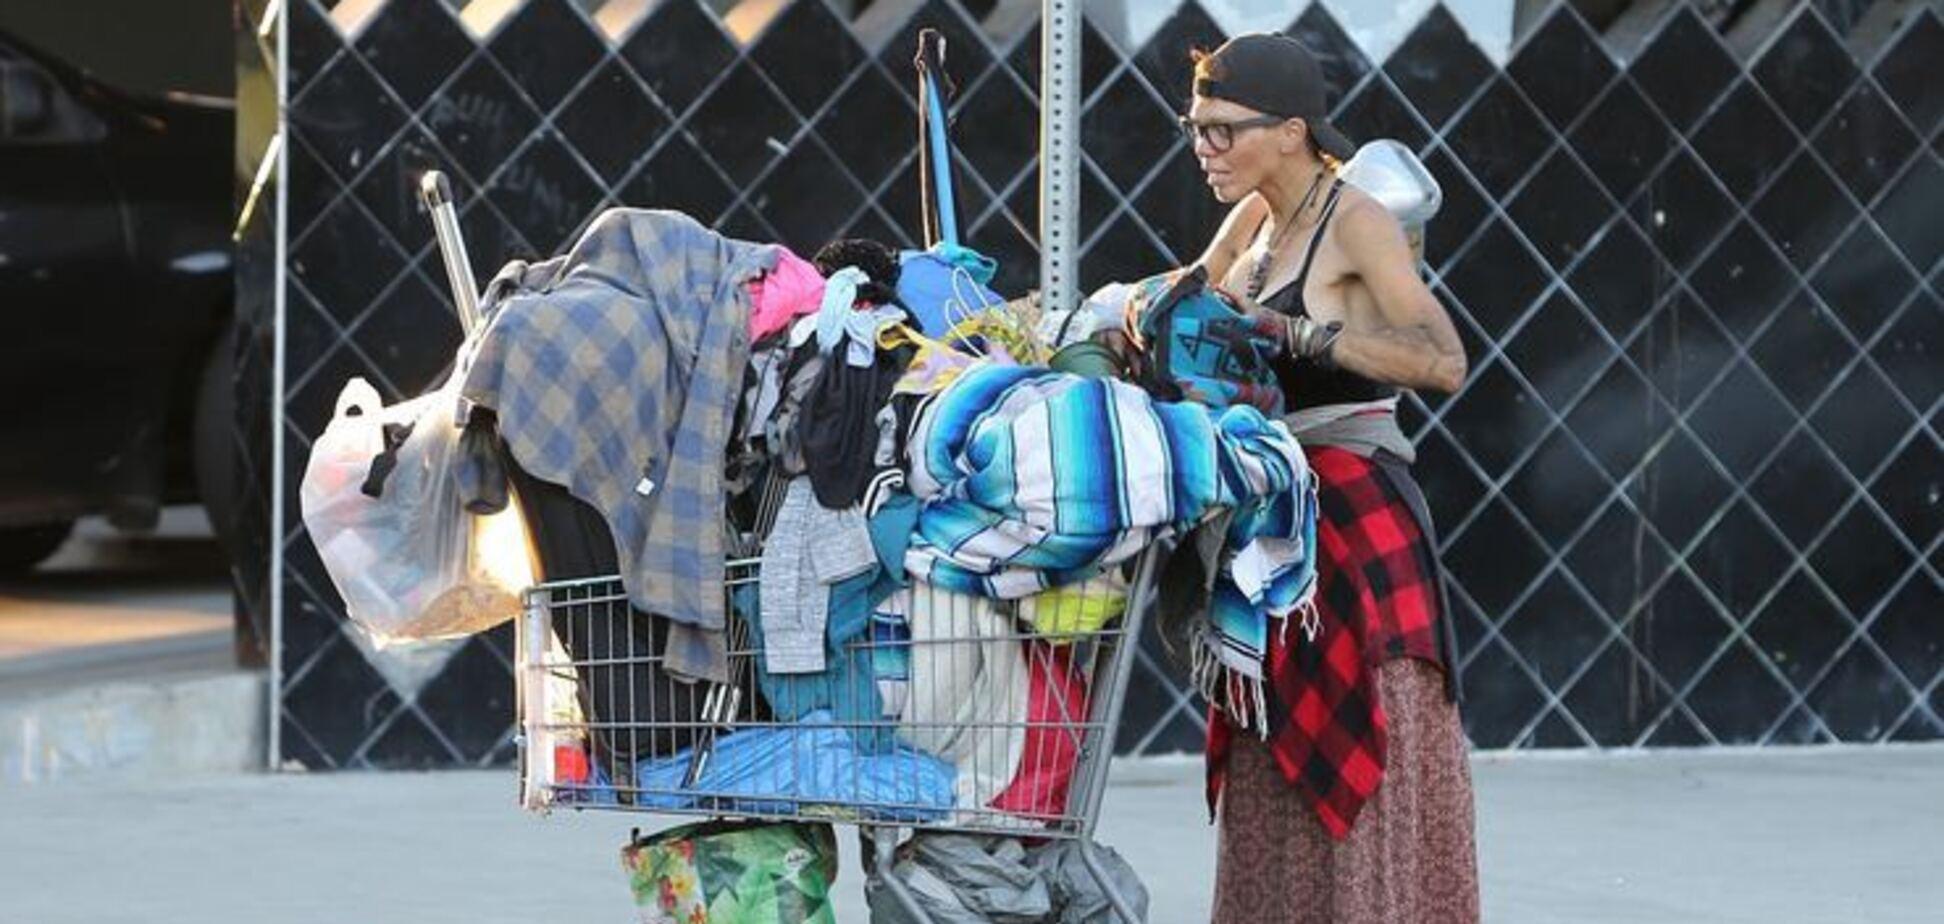 Лоні Вілсон – колишня модель, яка живе на смітнику